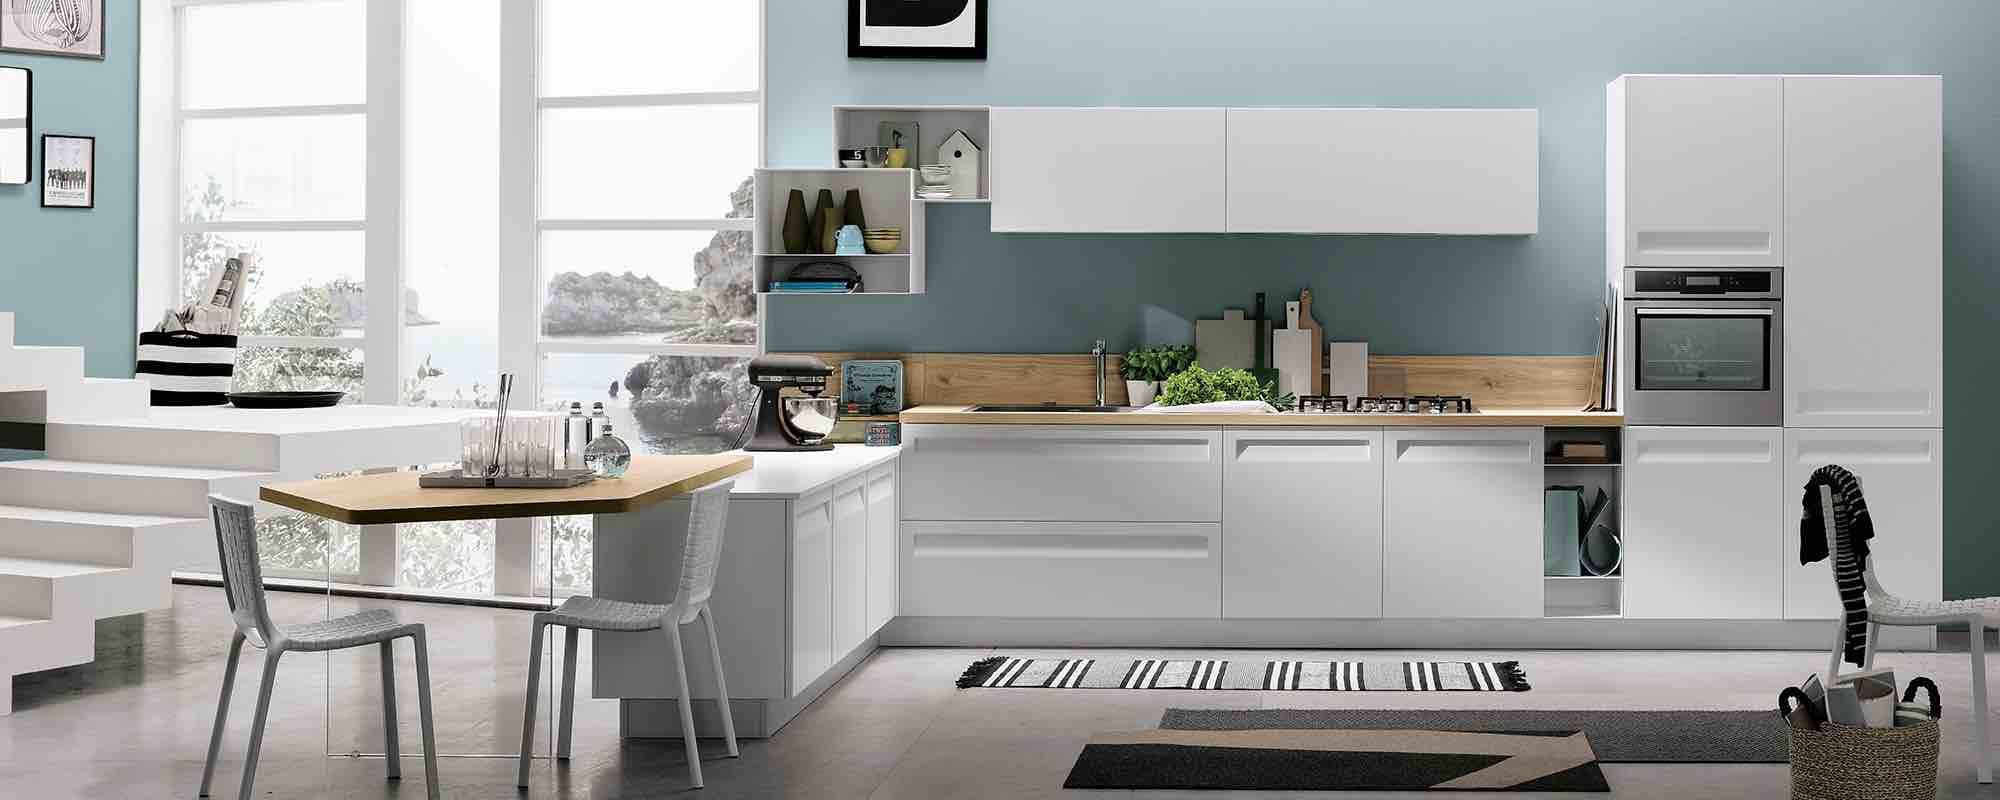 Foto Di Cucine Moderne. Perfect Modello Di Cucina Moderna In Legno N ...